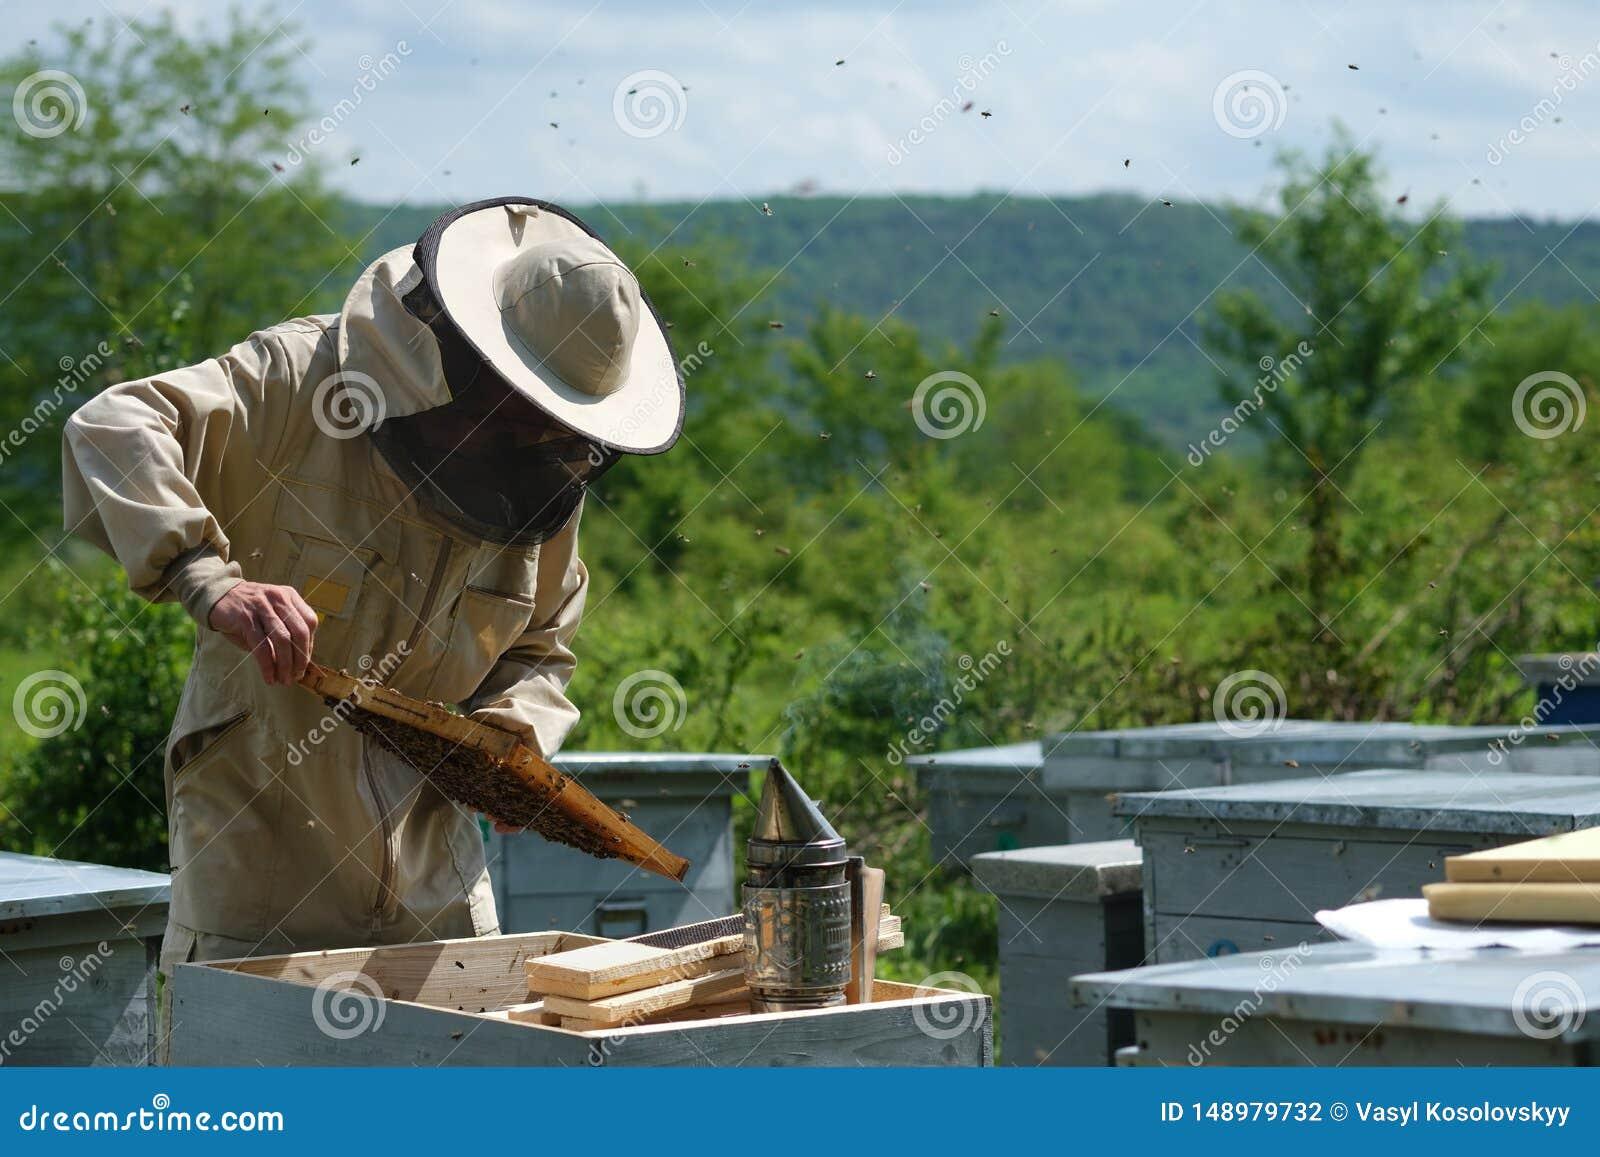 Homme tenant un nid d abeilles compl?tement des abeilles Apiculteur dans les v?tements de travail protecteurs inspectant le cadre